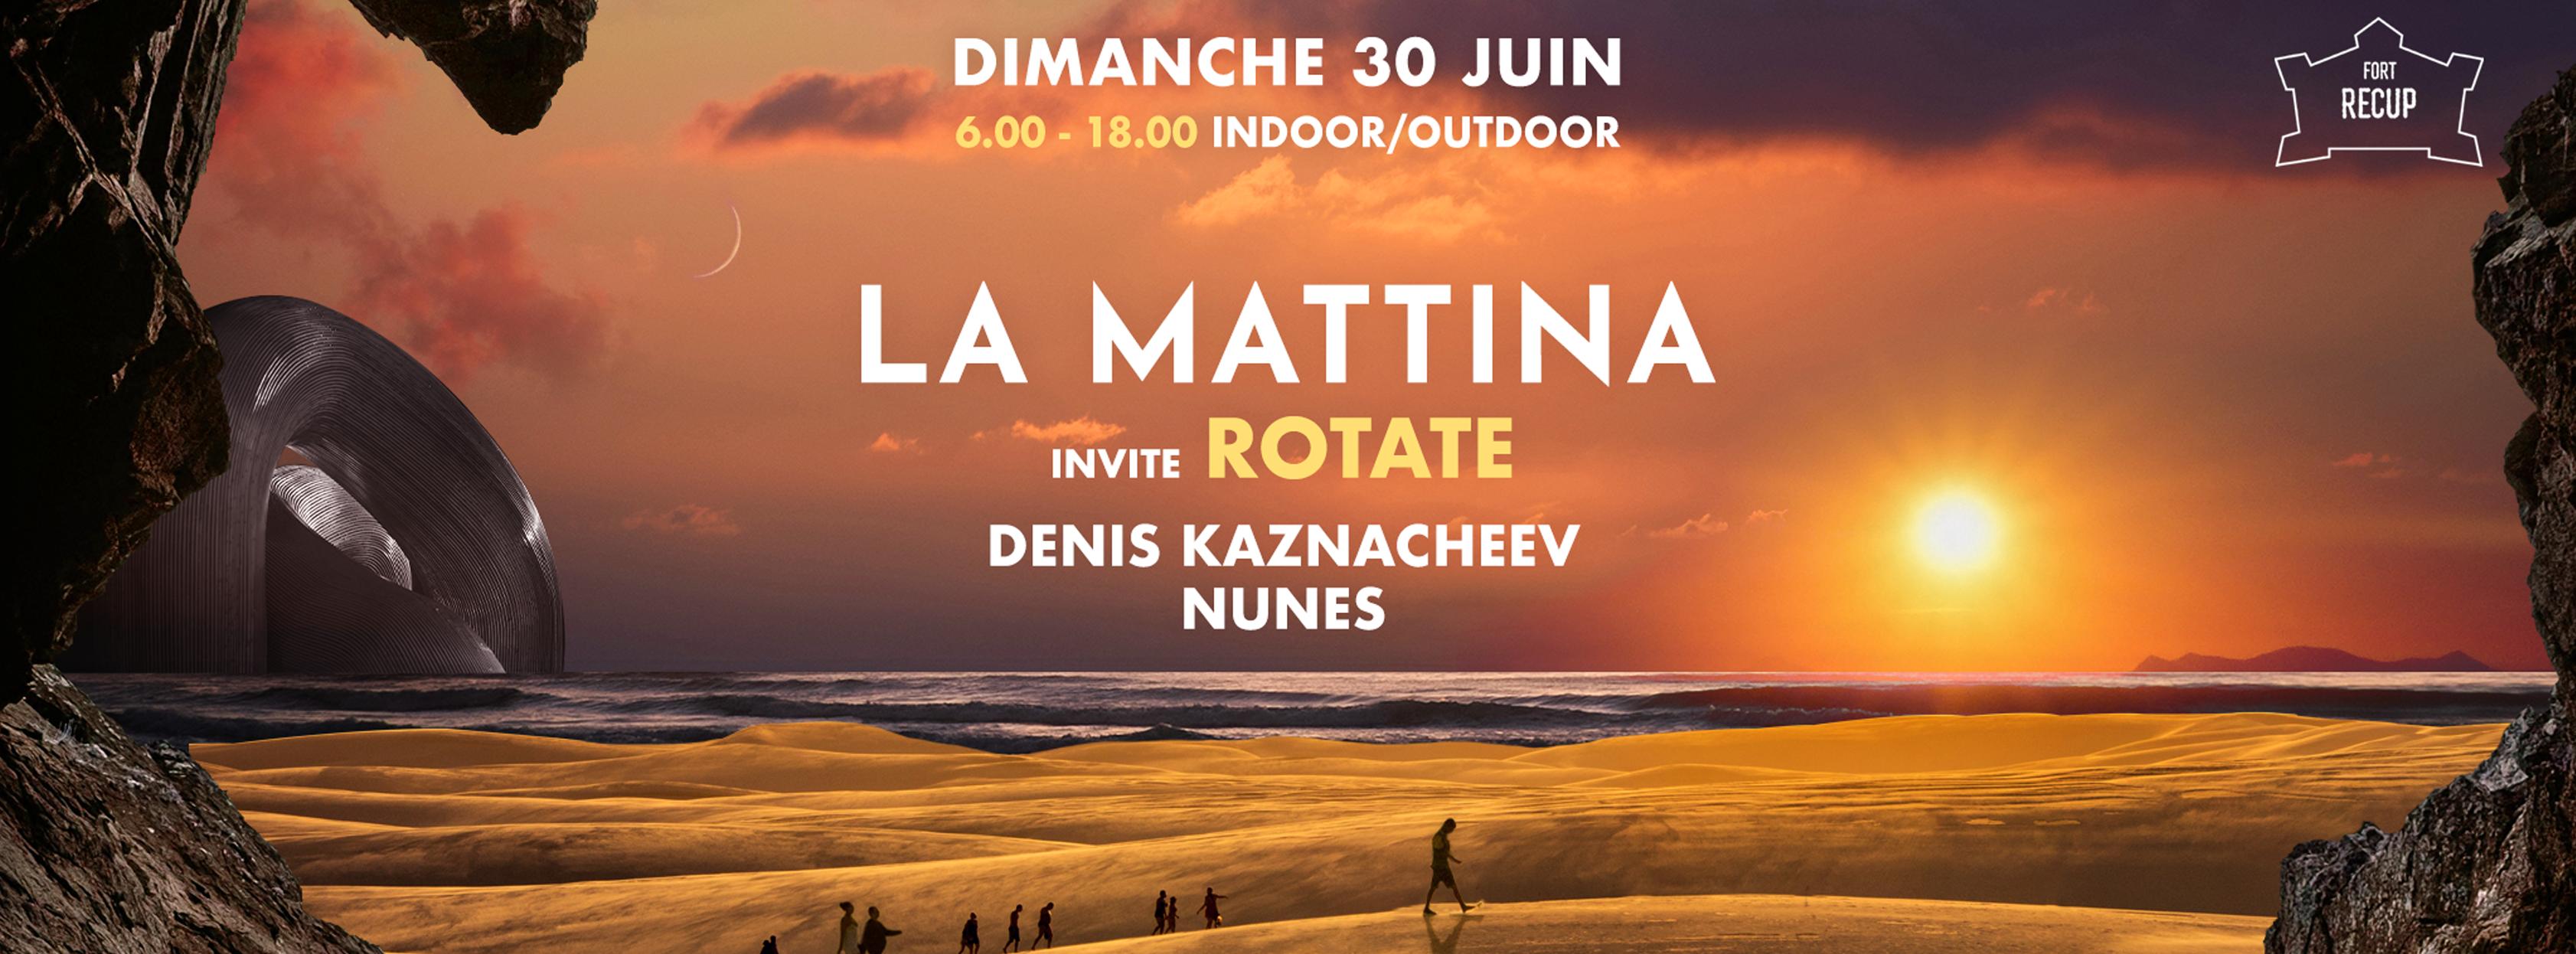 La Mattina invite : Rotate ๏ Fort Recup